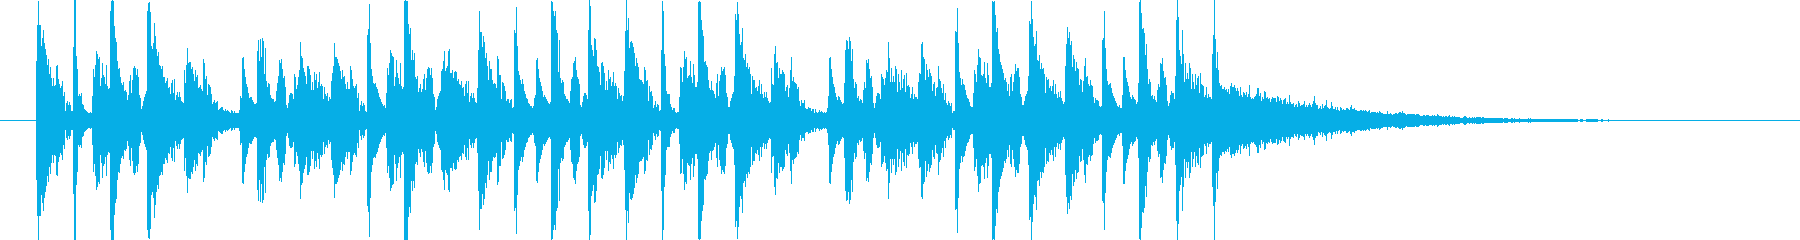 何かを作っている様な工作サウンドロゴの再生済みの波形